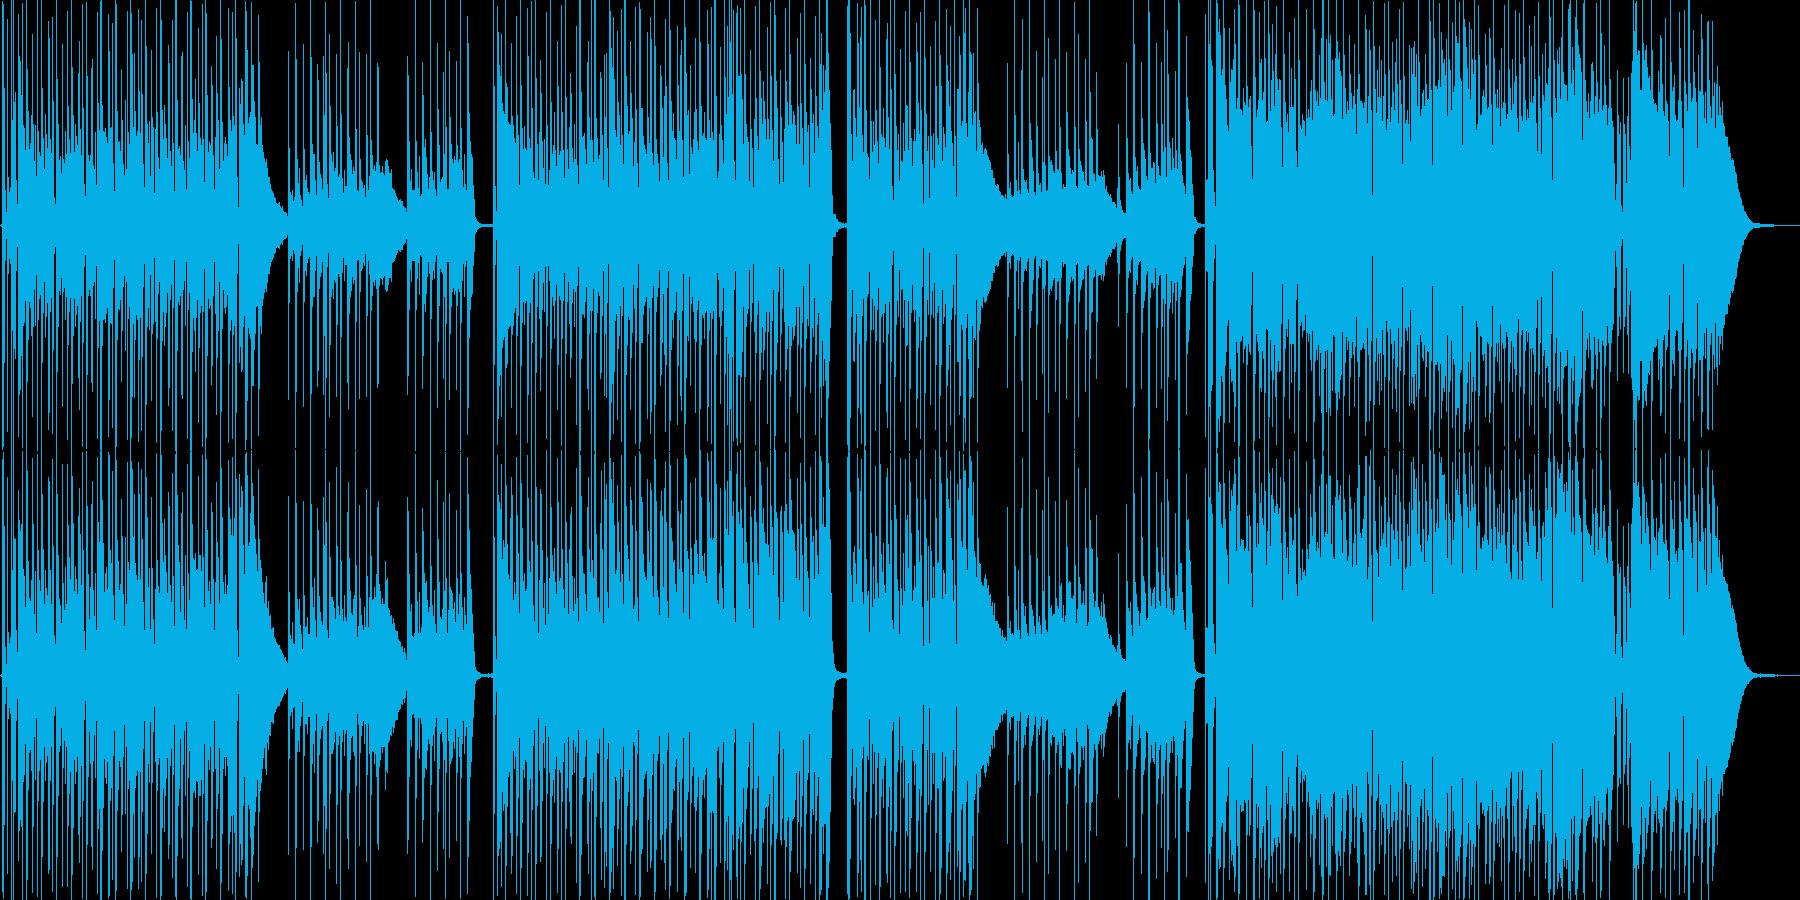 ポップ。アコースティックサウンド。の再生済みの波形